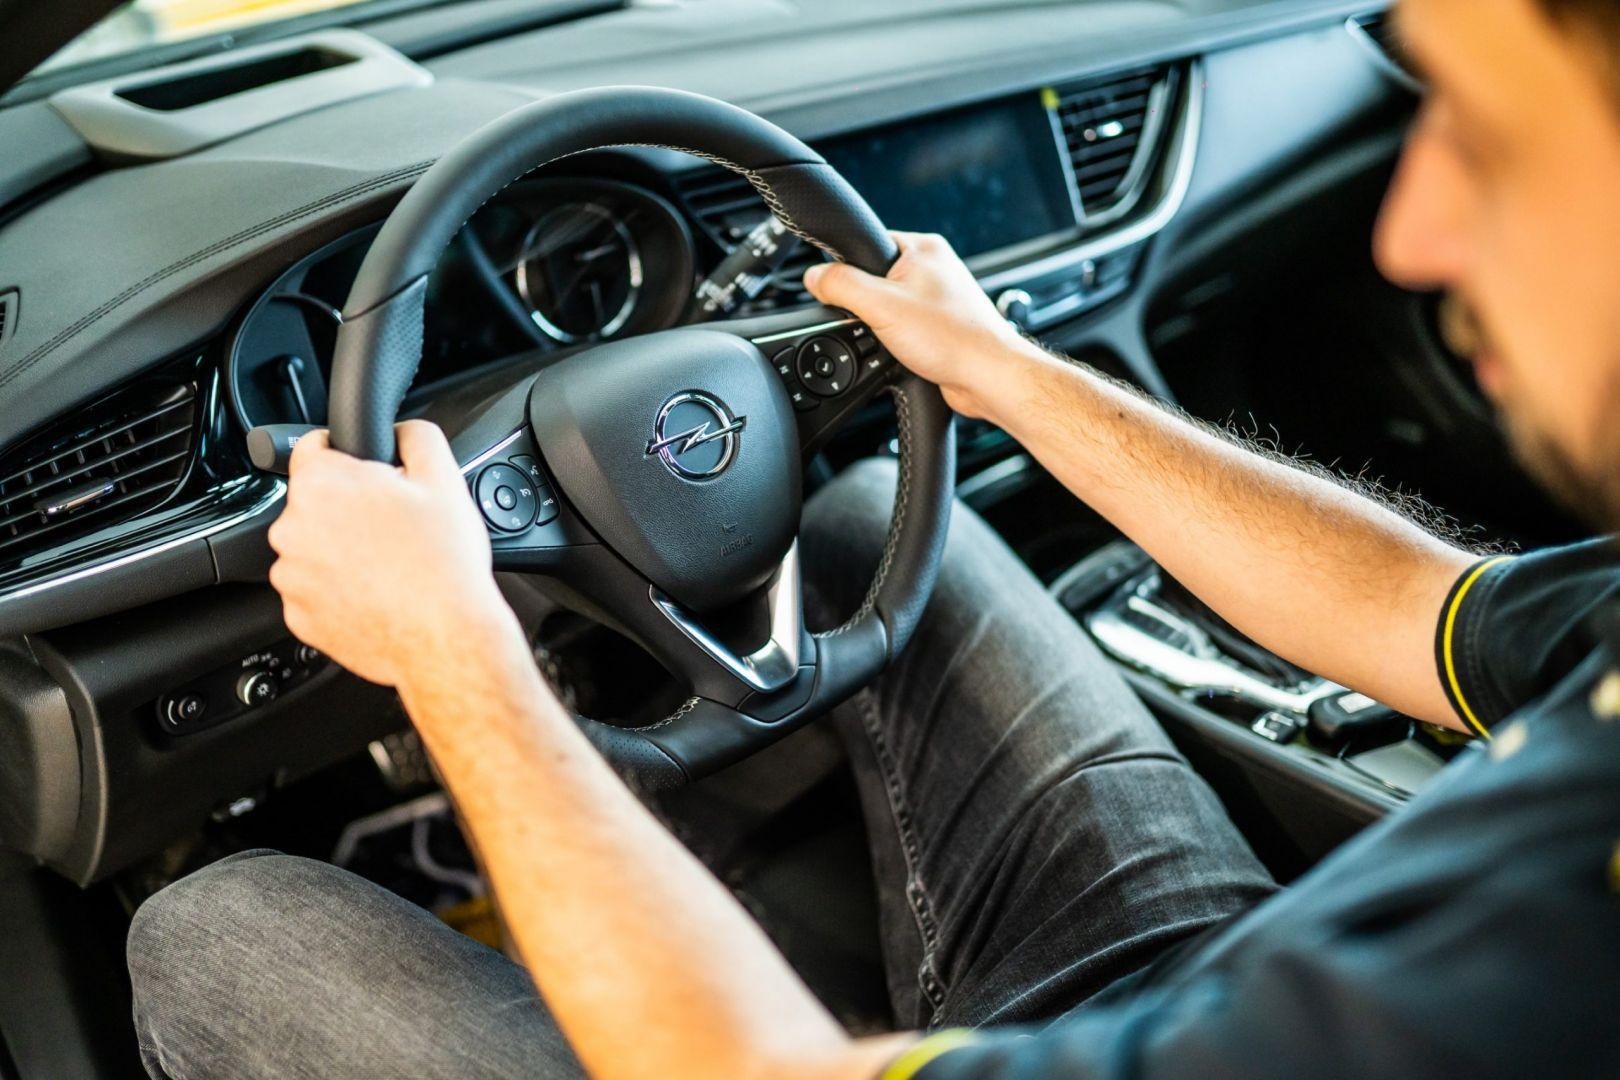 avtohisa-zalar-nova-rabljena-vozila-servis-prodaja-vzdrzevanje-zavarovanje-svetovanje (39)